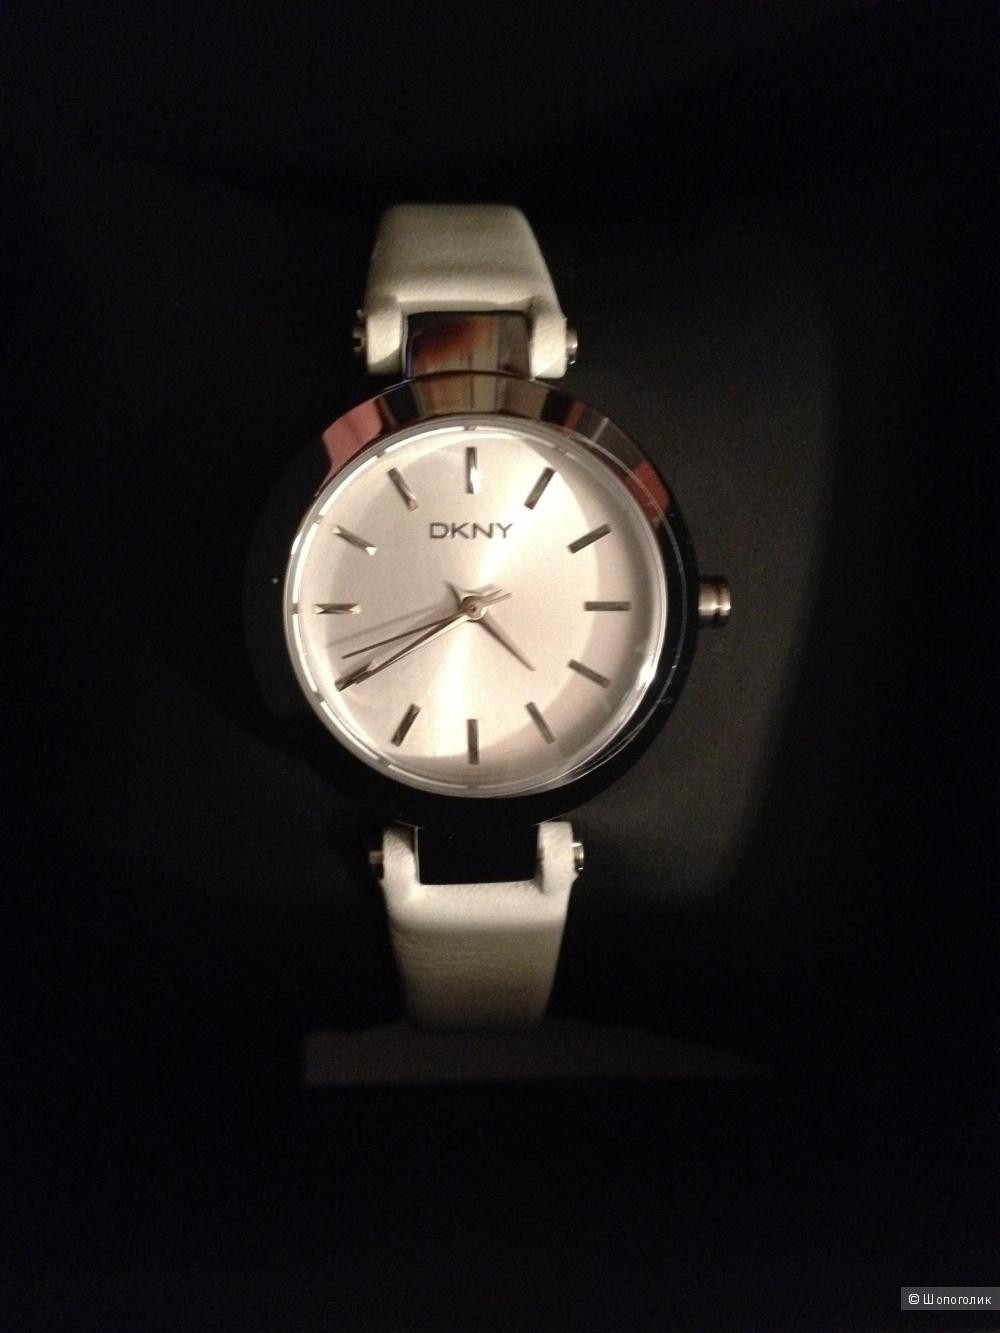 Оригинальные часы DKNY на белом кожаном ремешке.